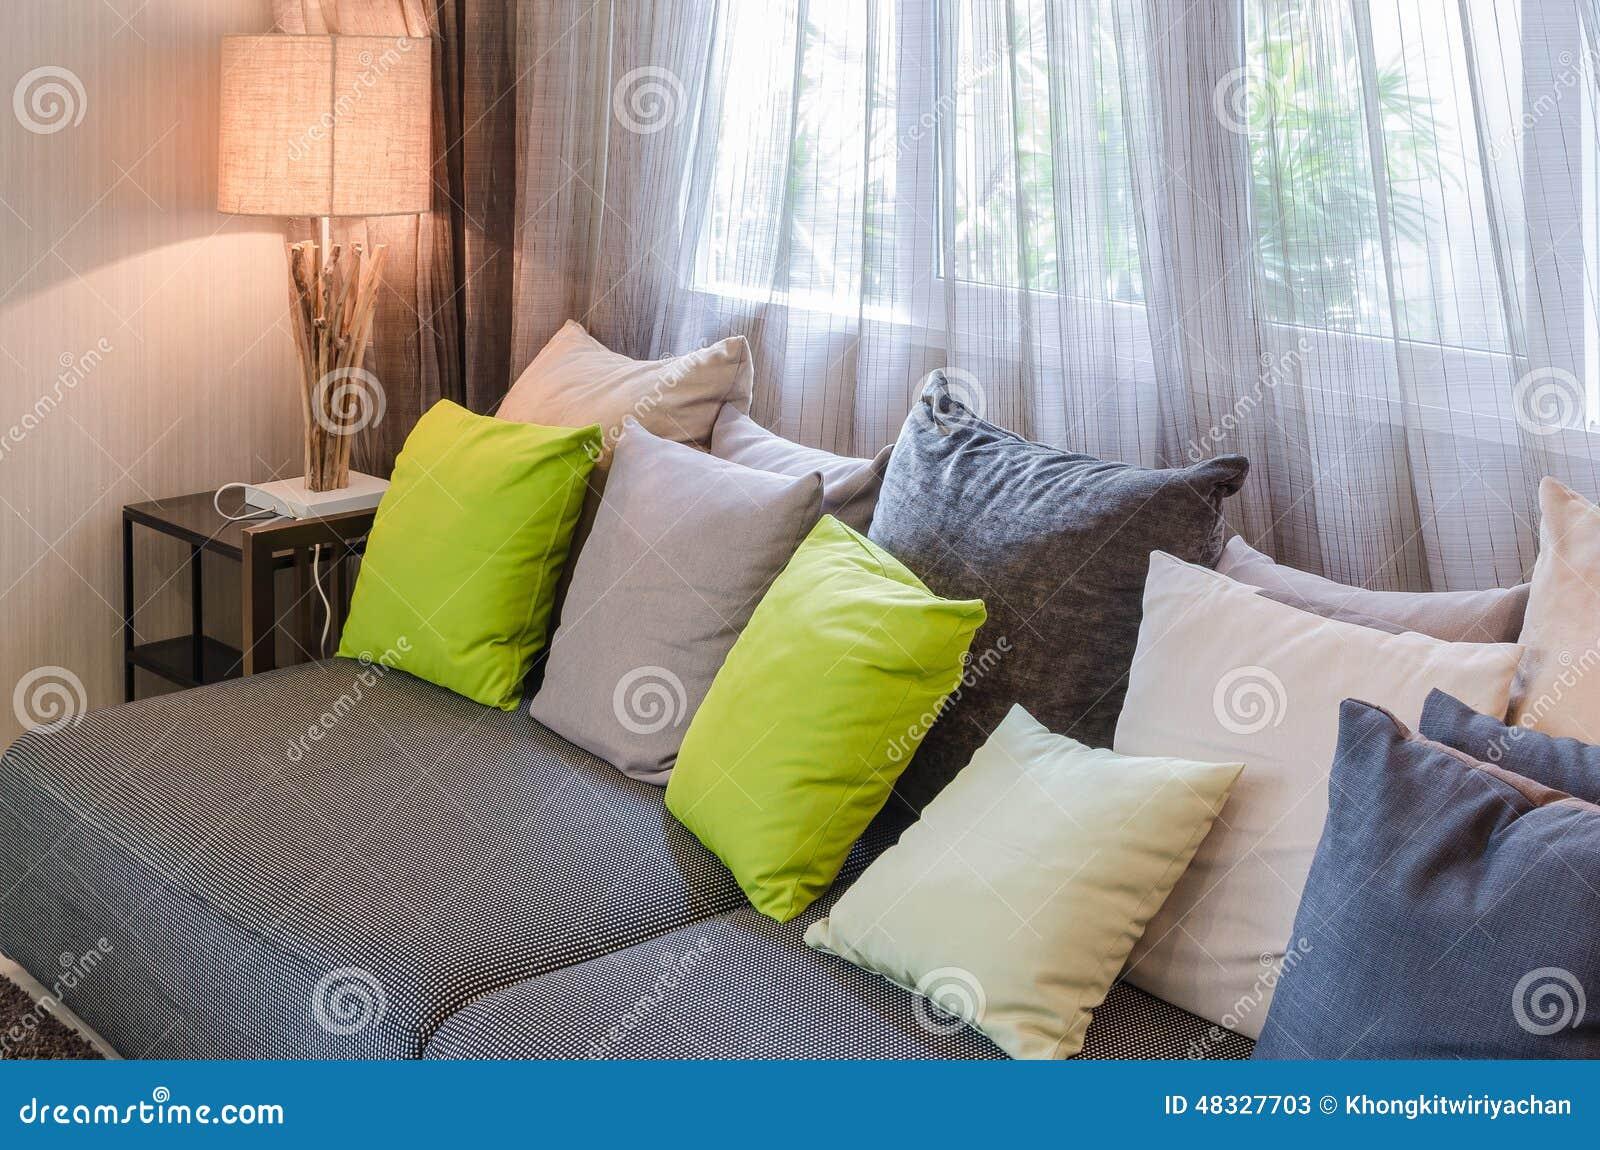 Grå soffa med gräsplankuddar i vardagsrum arkivfoto   bild: 48327703